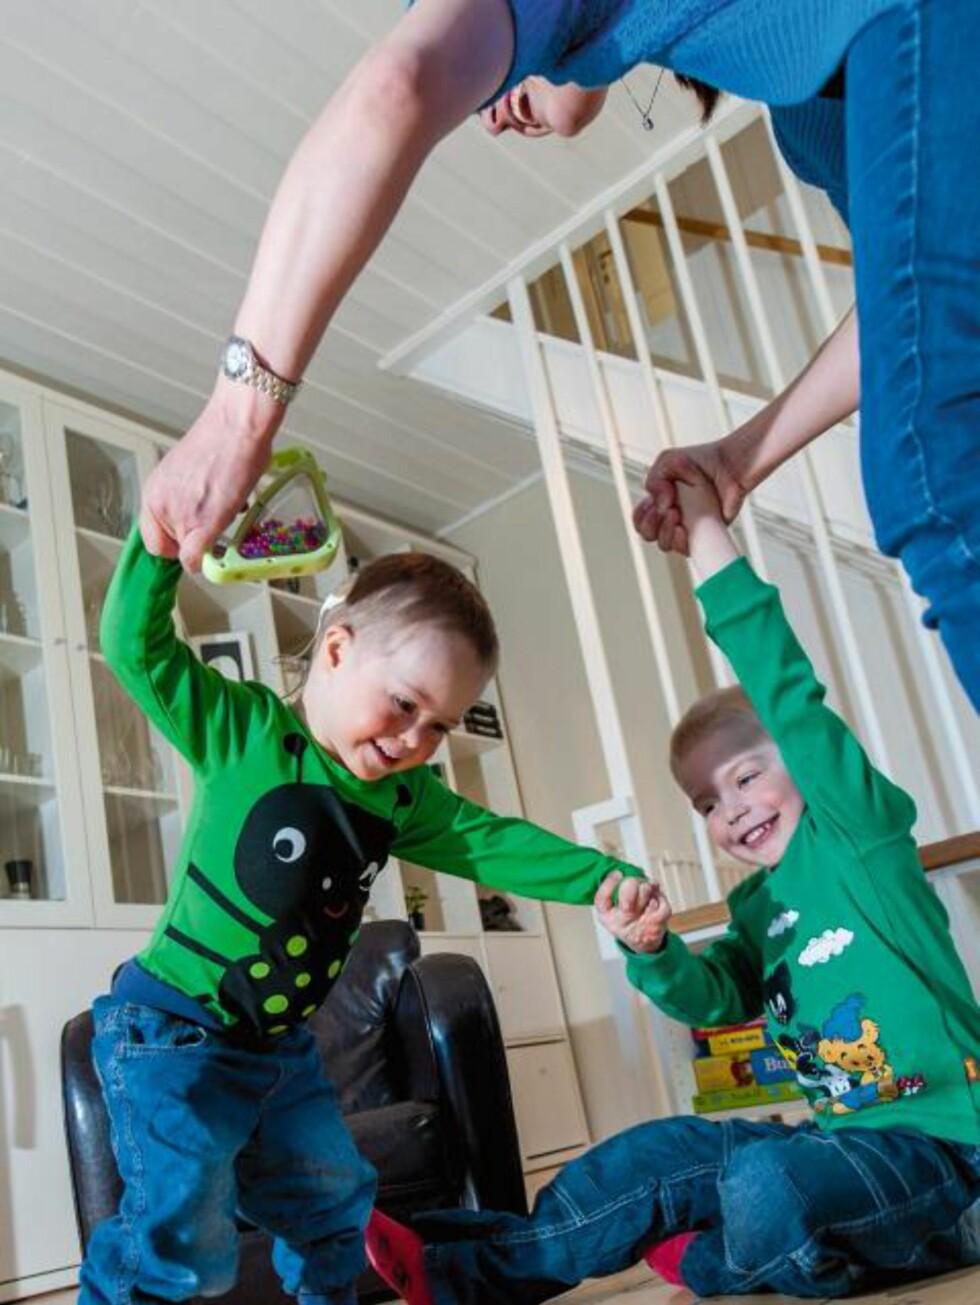 LÆRER Å GÅ: Foreldre til barn med Downs syndrom må belage seg på å vente lenger enn andre på at barnet skal nå viktige milepæler i utviklingen. Som å lære å gå. - Når man har ventet så lenge, blir man ekstra glad når det endelig skjer, sier mamma Linn Østbøll. FOTO: Tore Fjeld